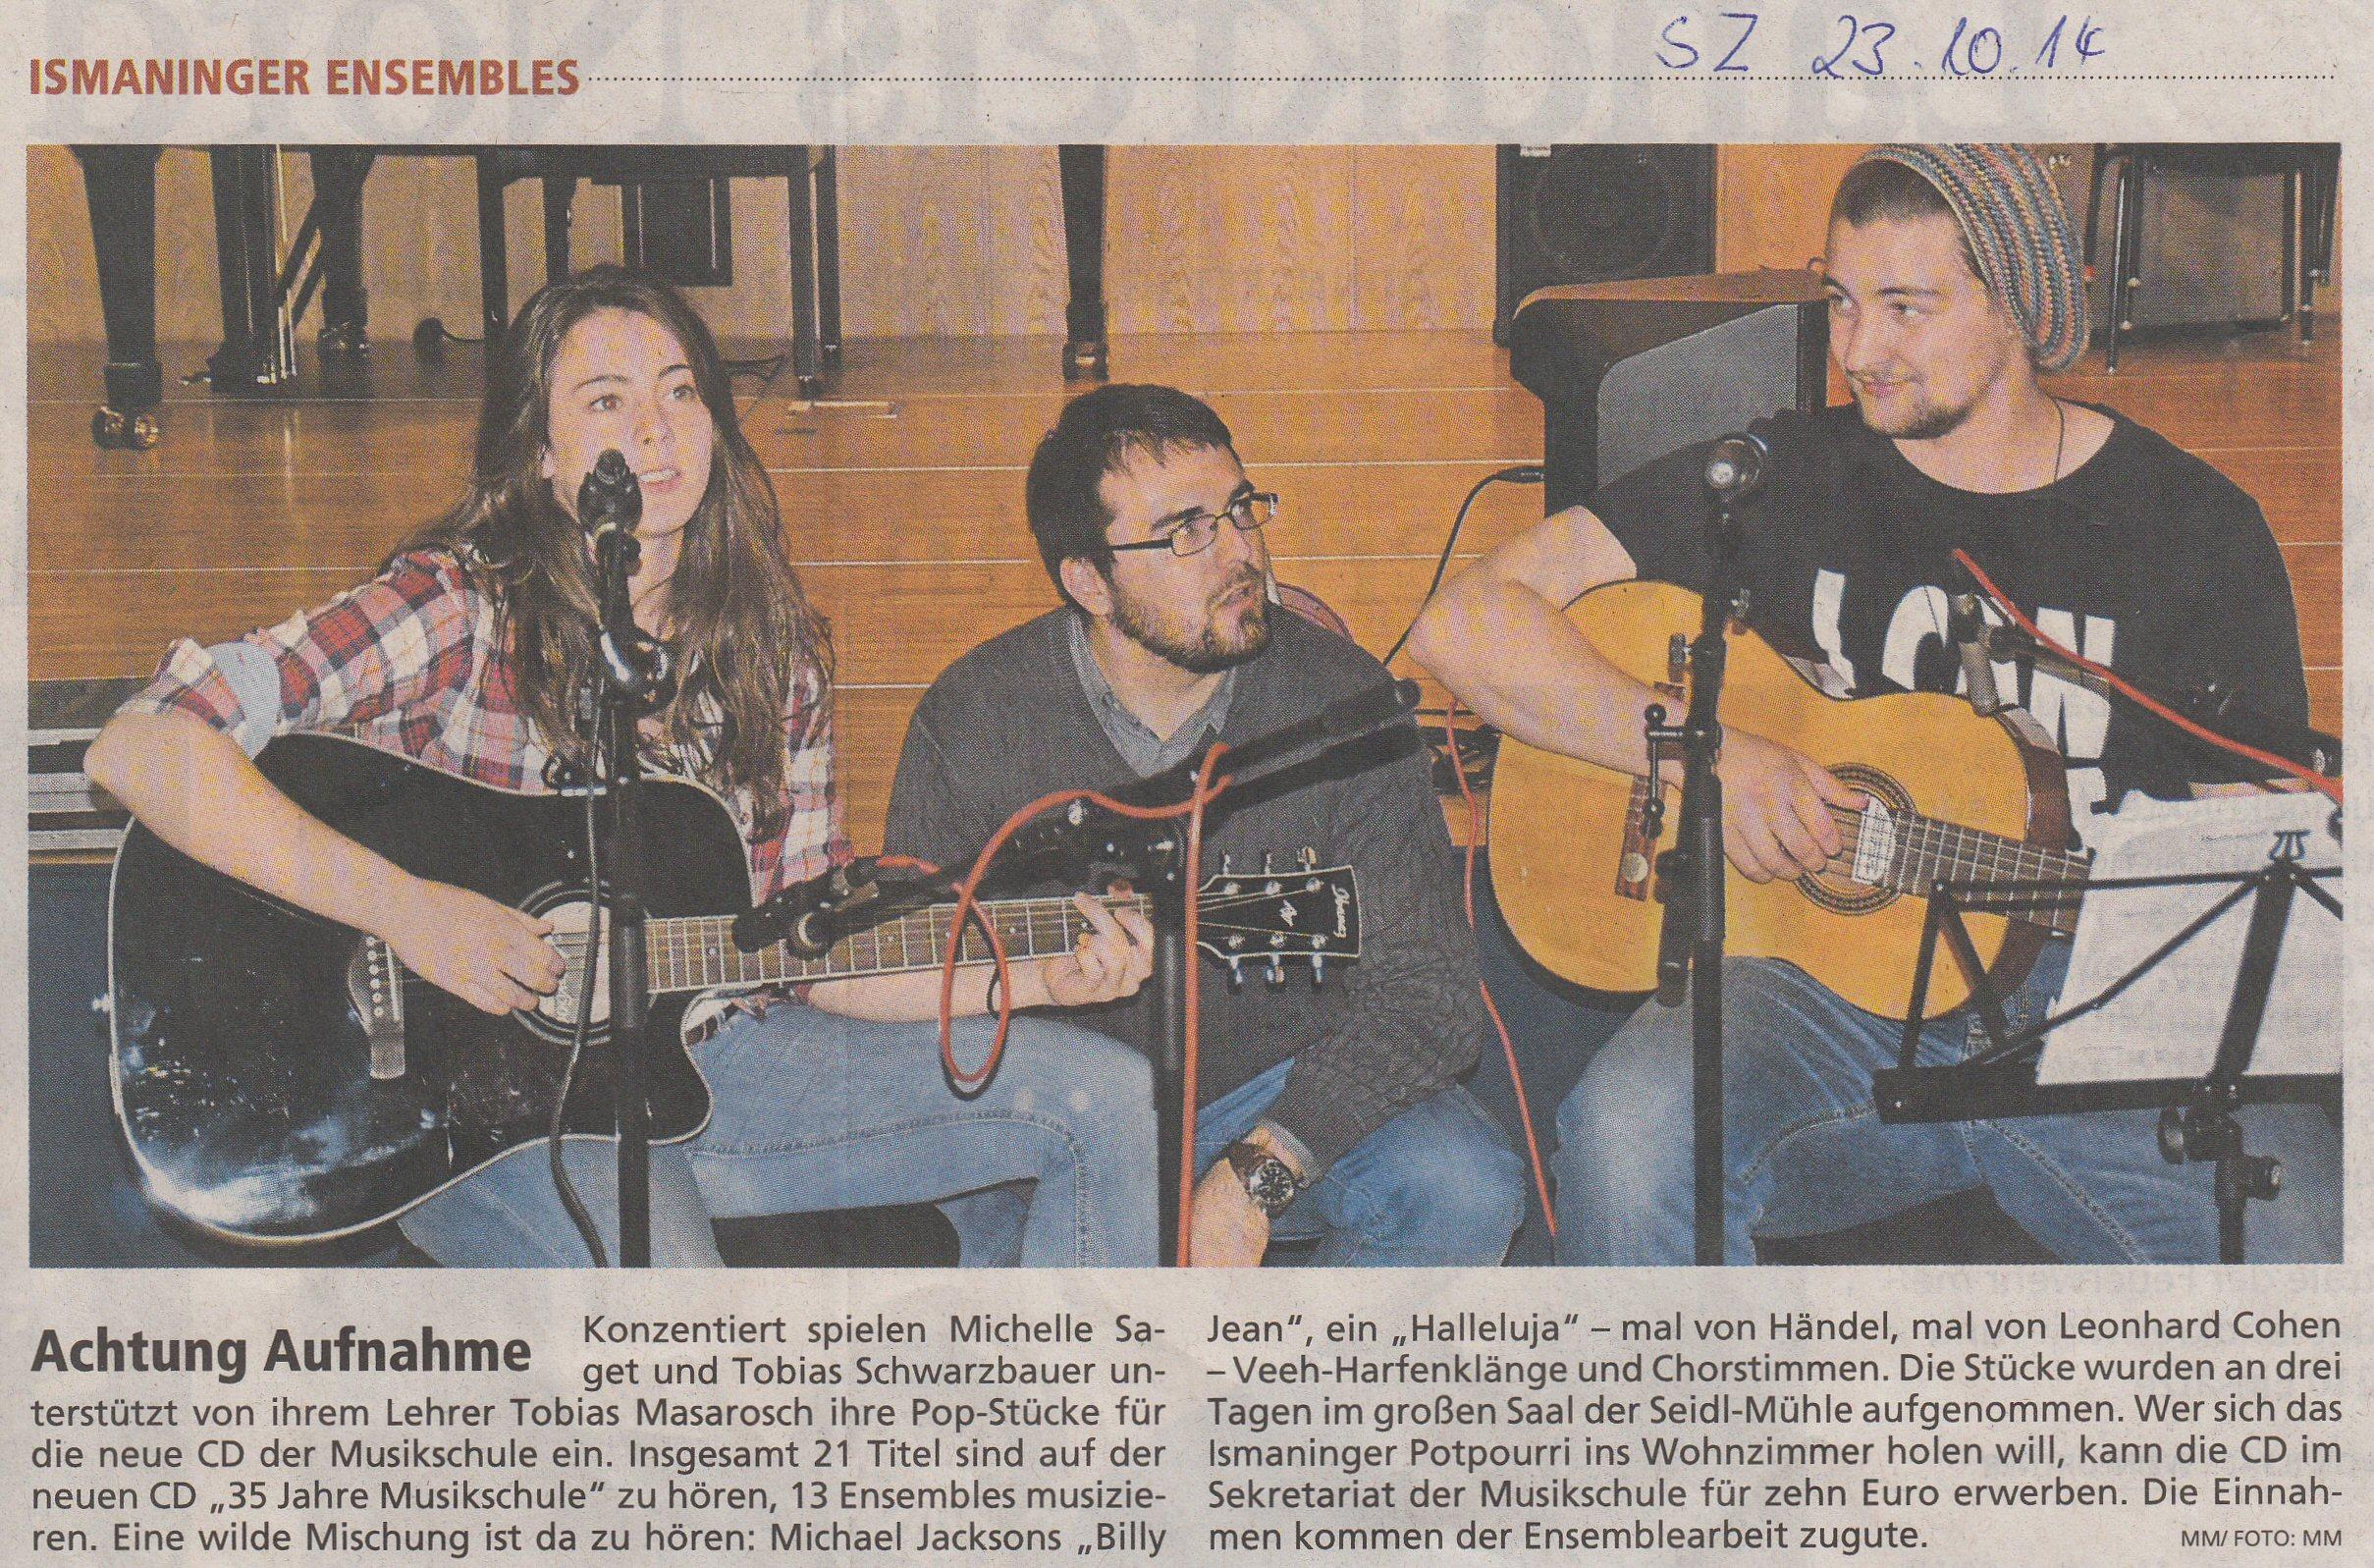 Achtung Aufnahme 23.10.2014 - Süddeutsche Zeitung